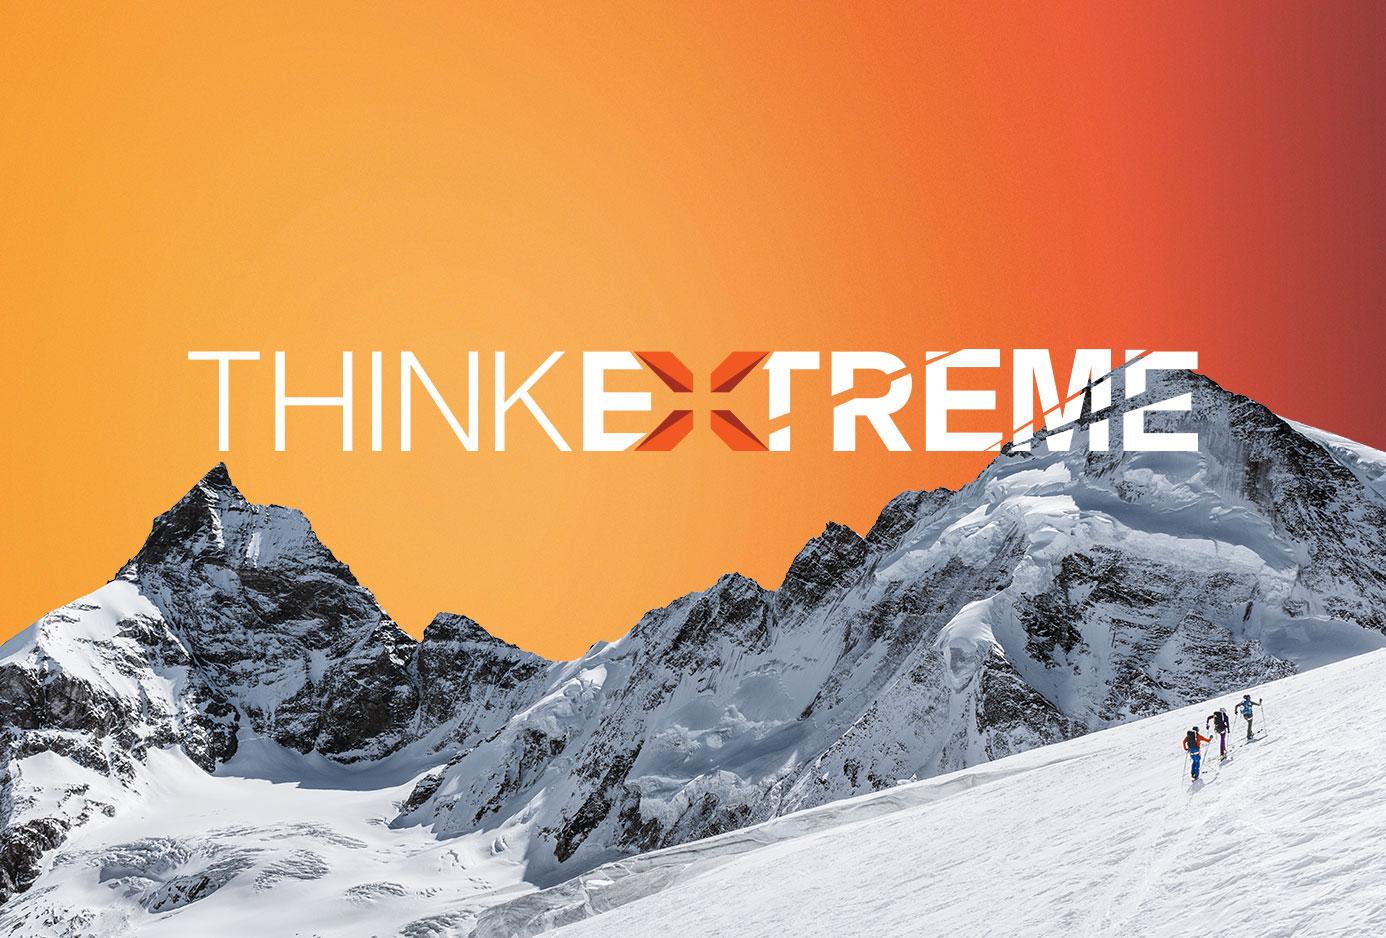 Think Extreme